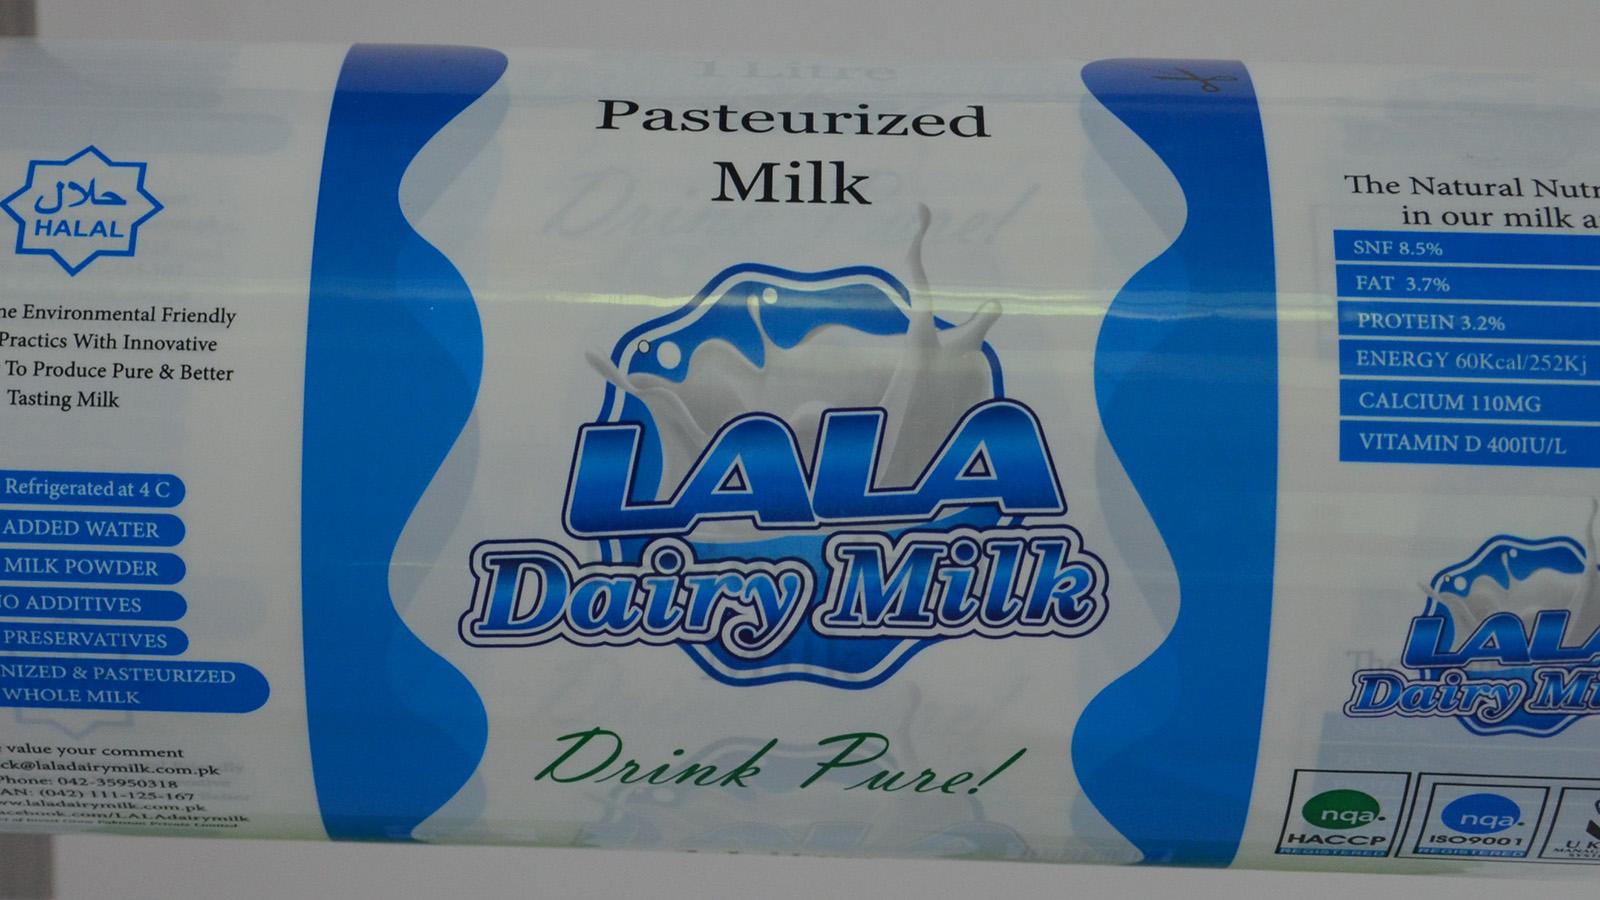 Lala Milk